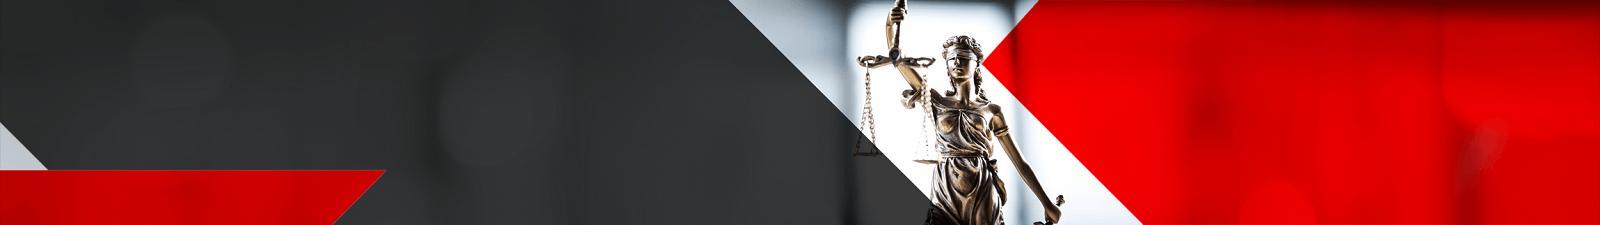 Despacho de abogados en Bolivia Rigoberto Paredes & Asociados